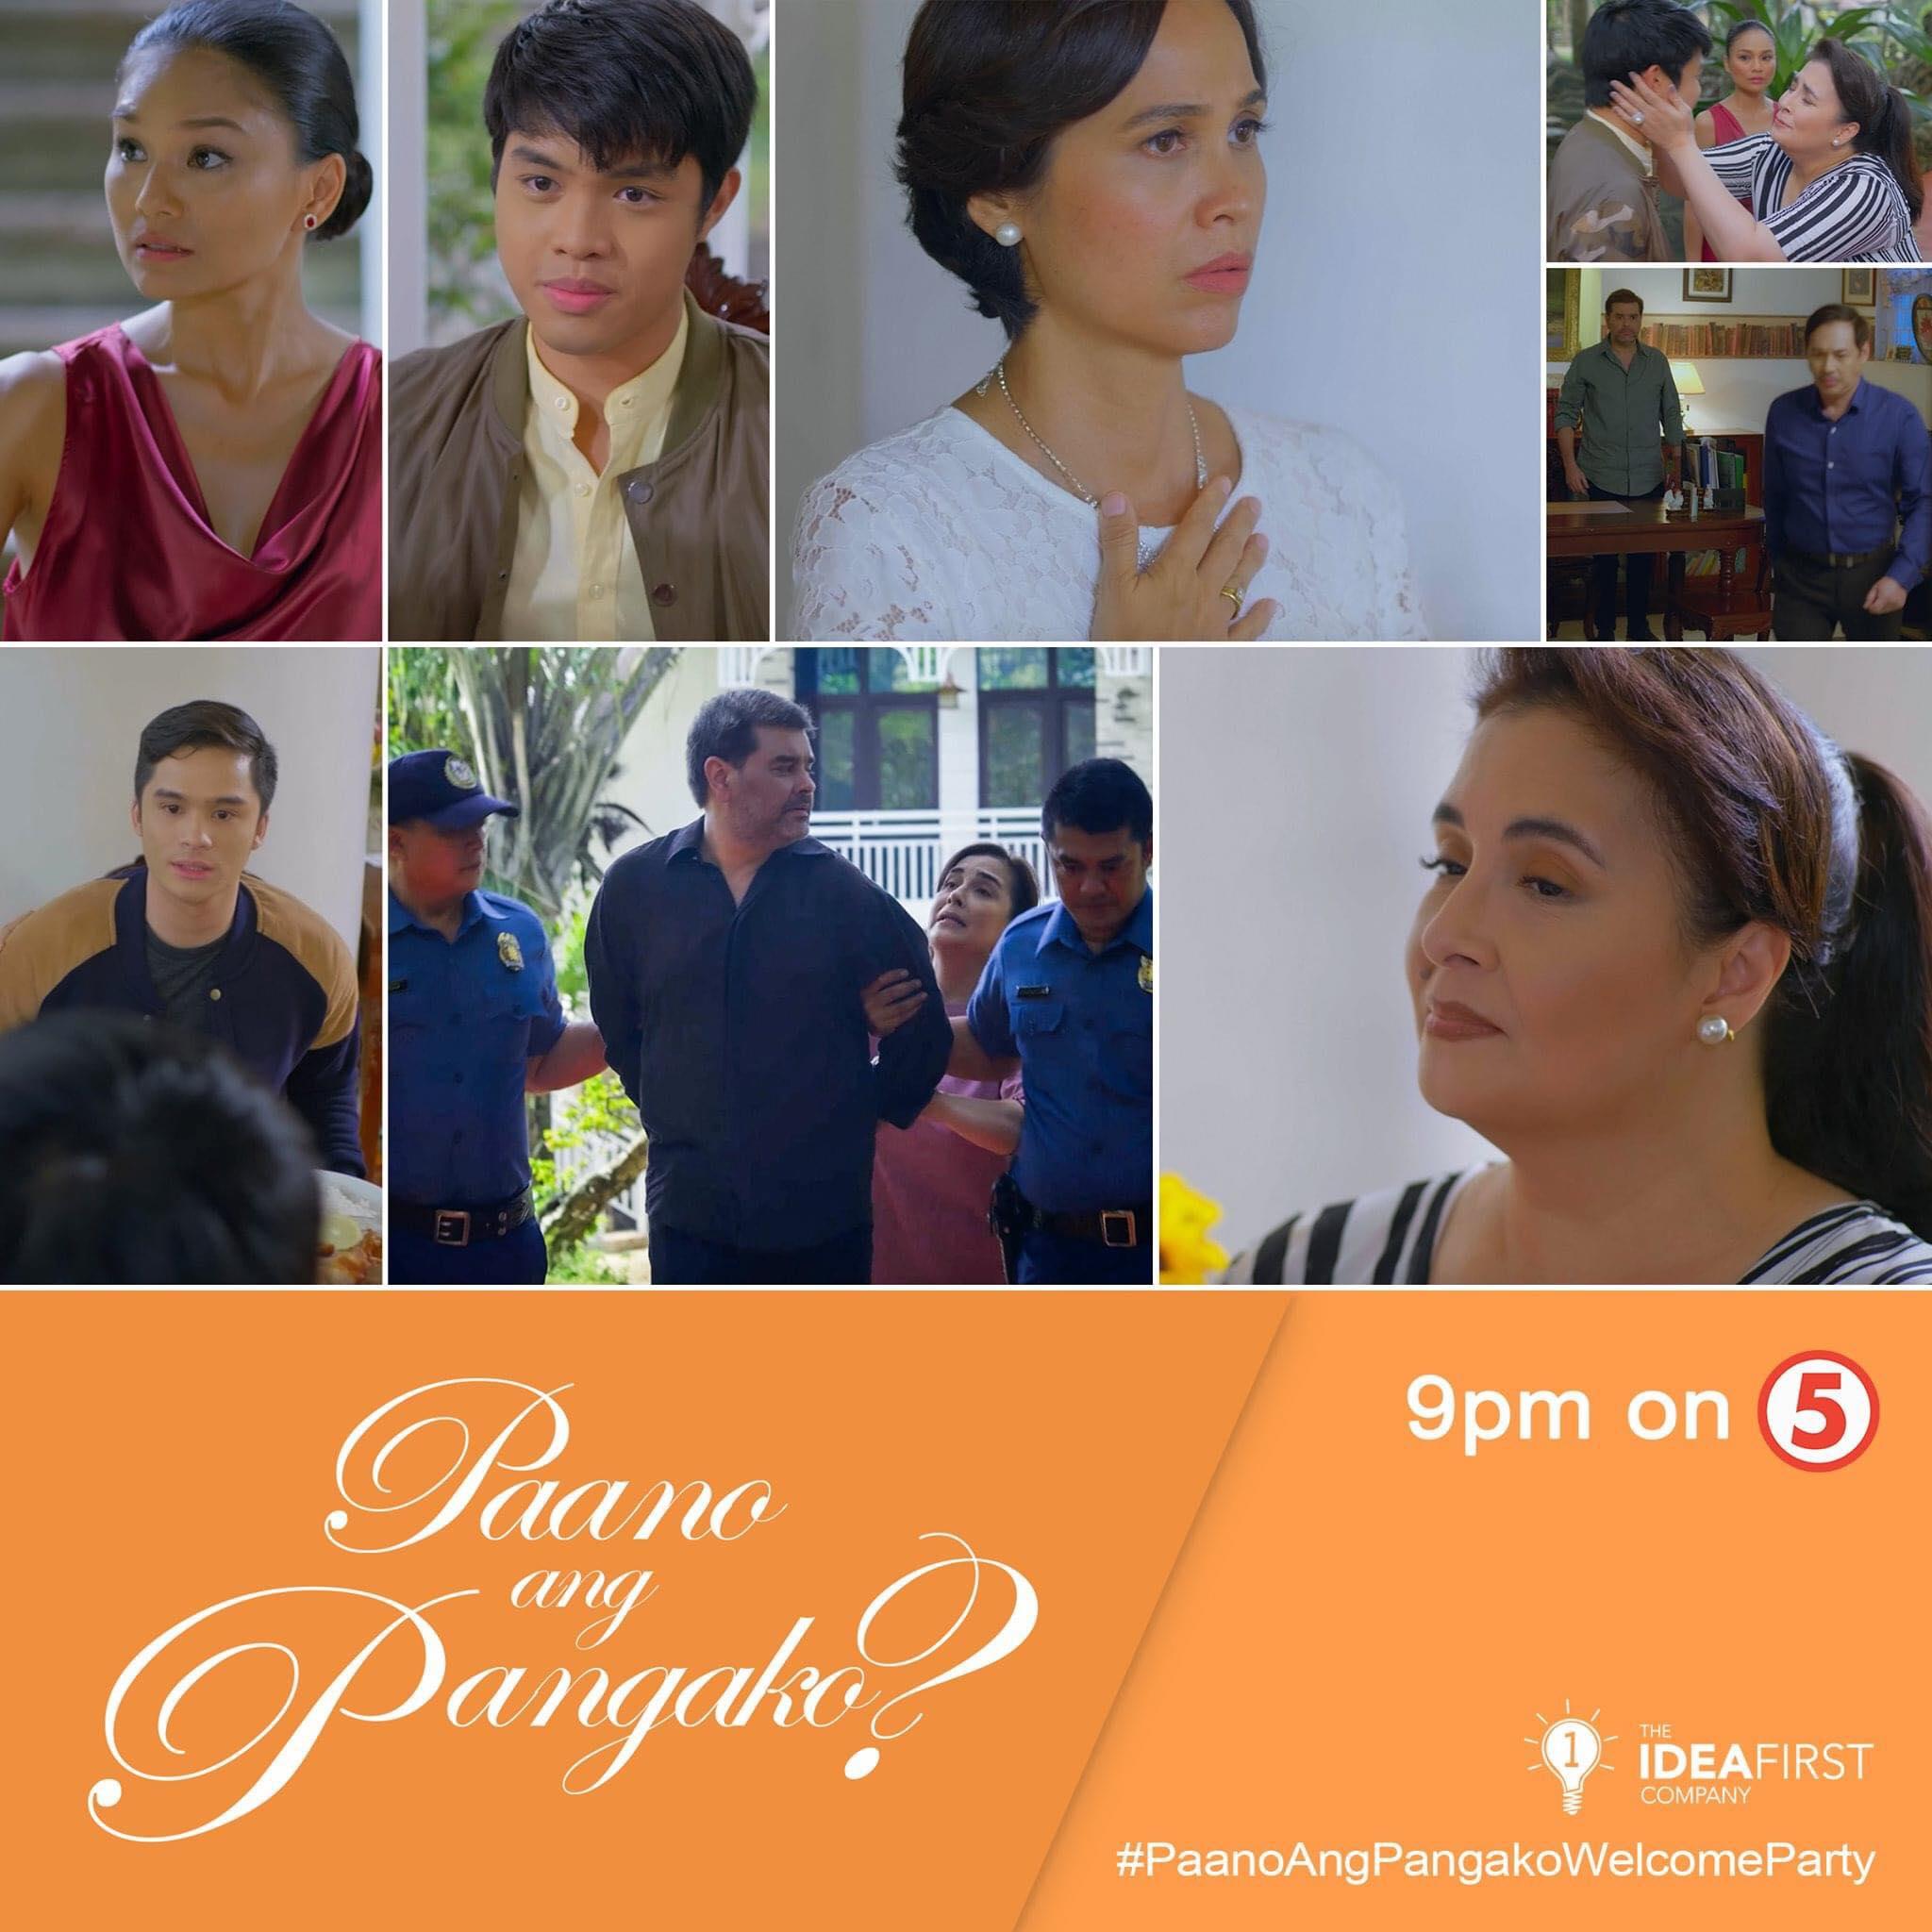 Paano ang Pangako stills